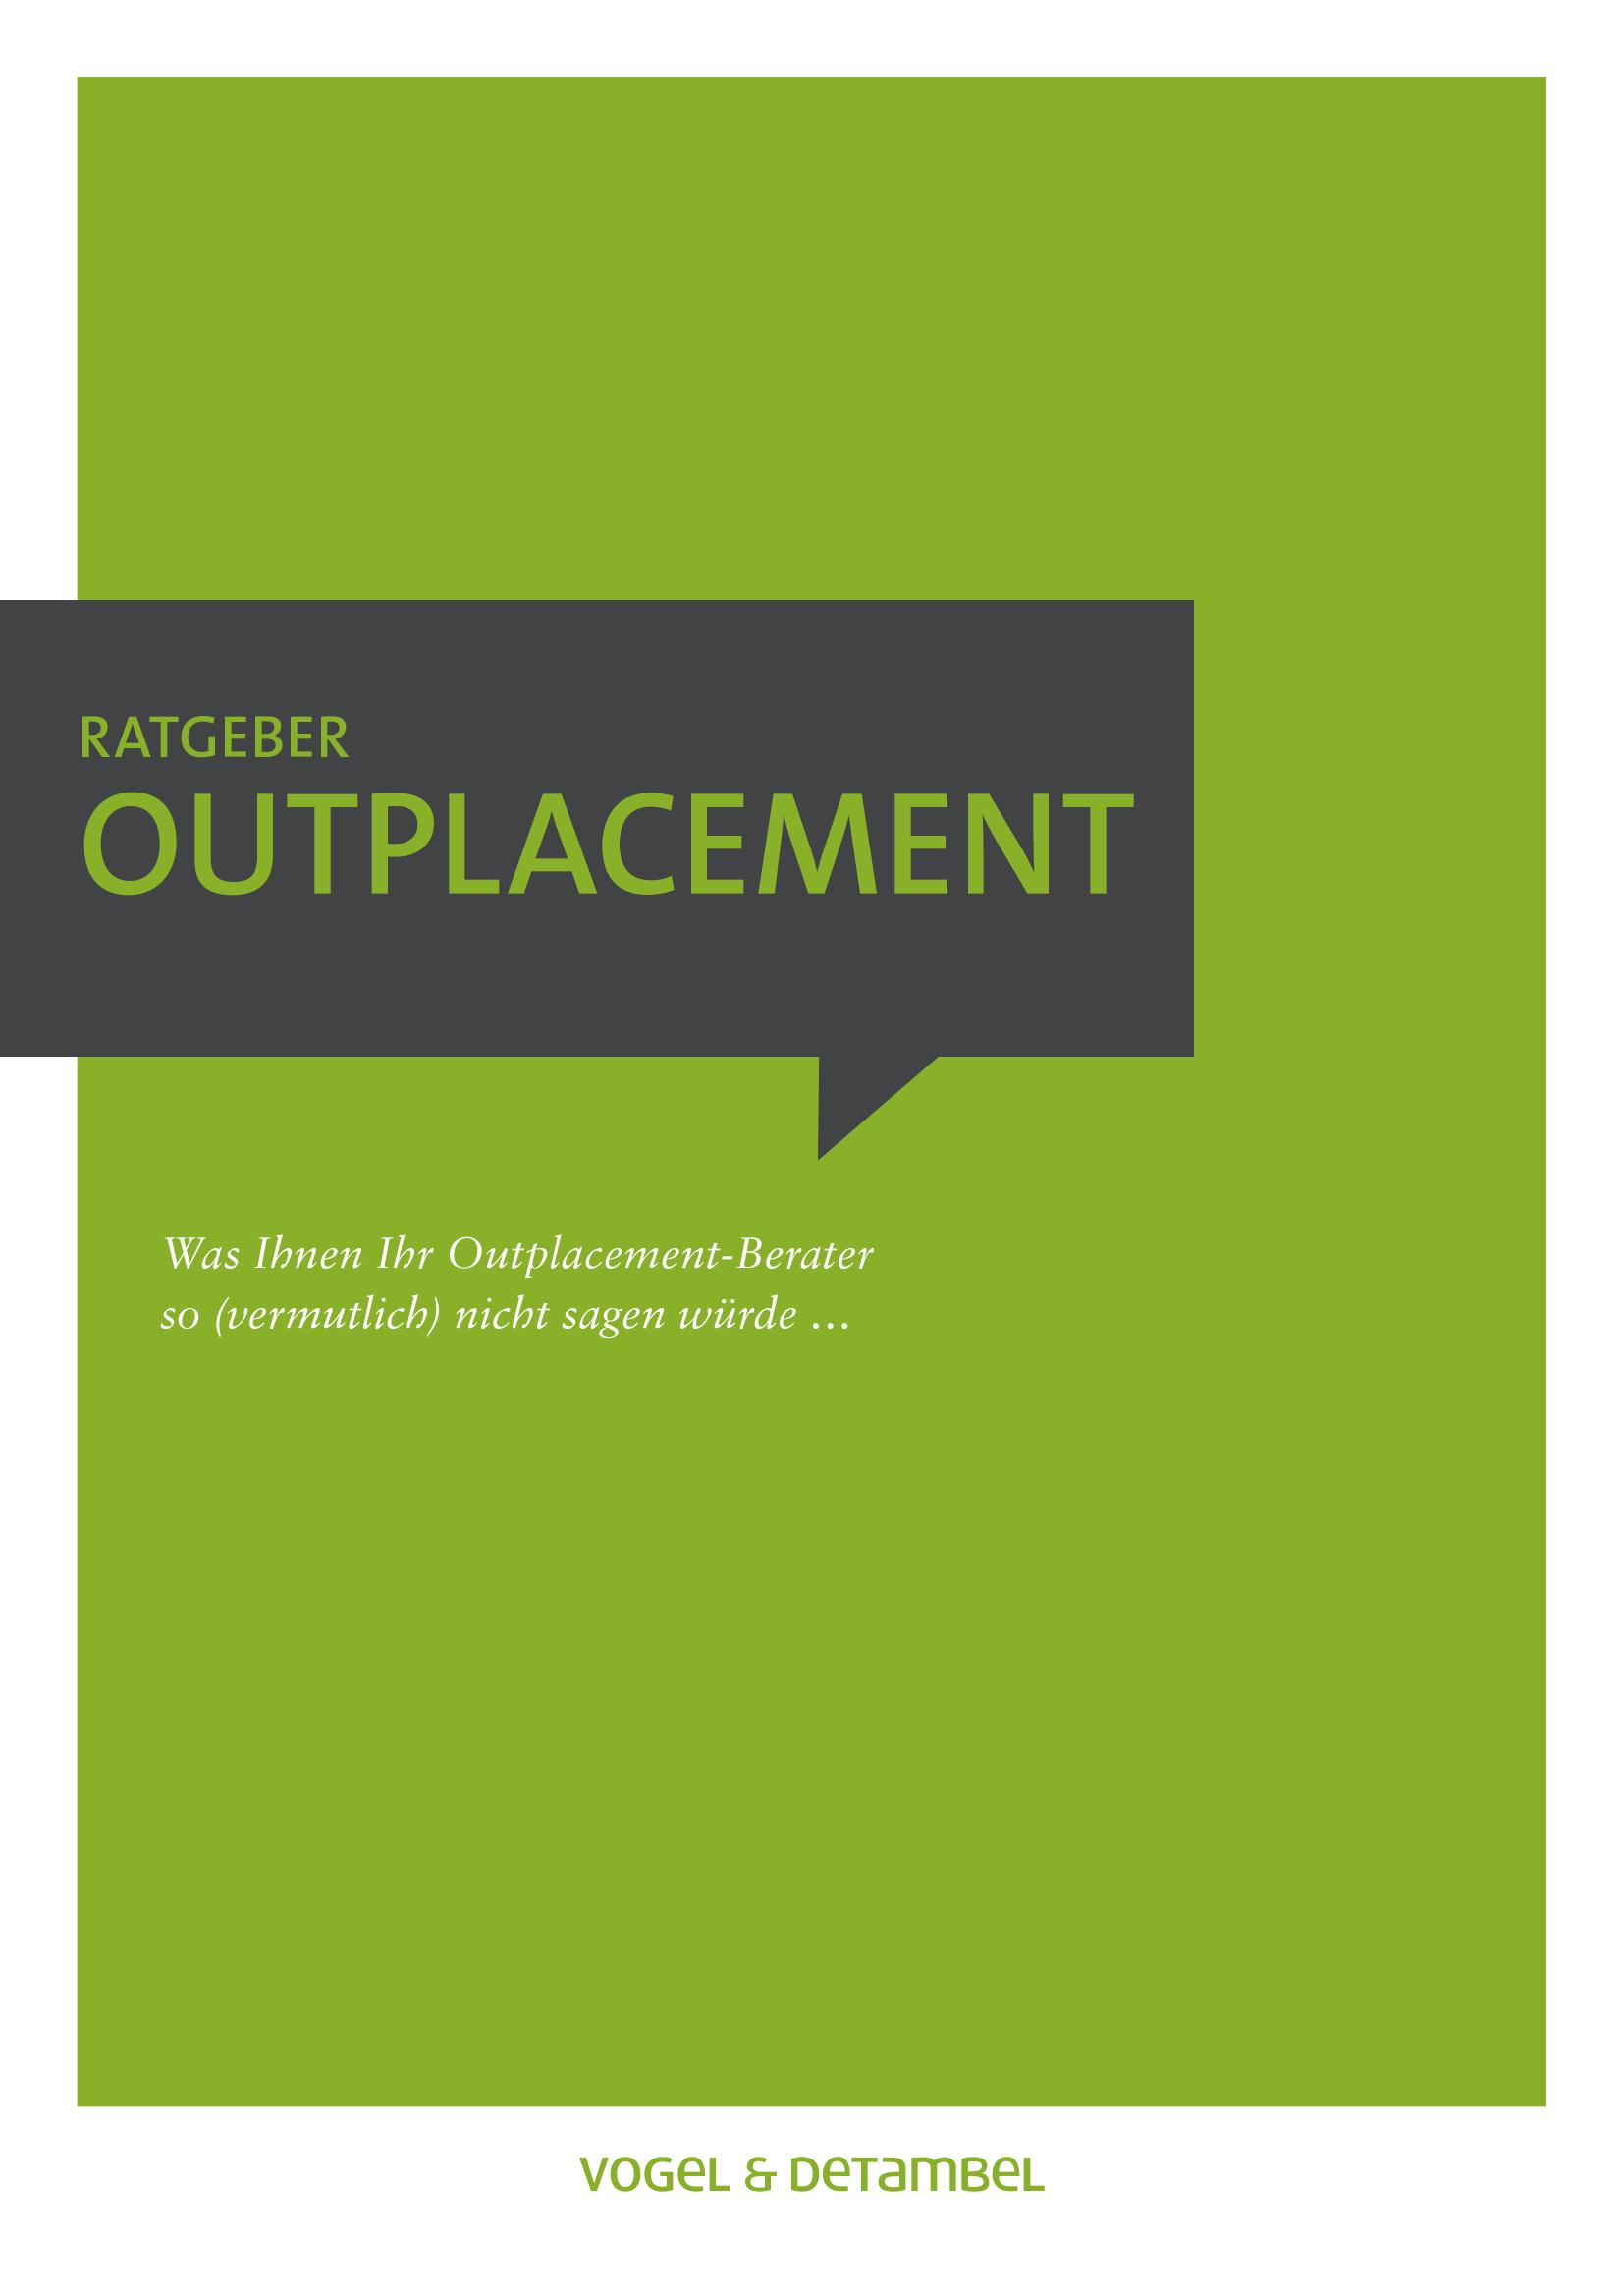 Outplacement Ratgeber Vogel & Detambel